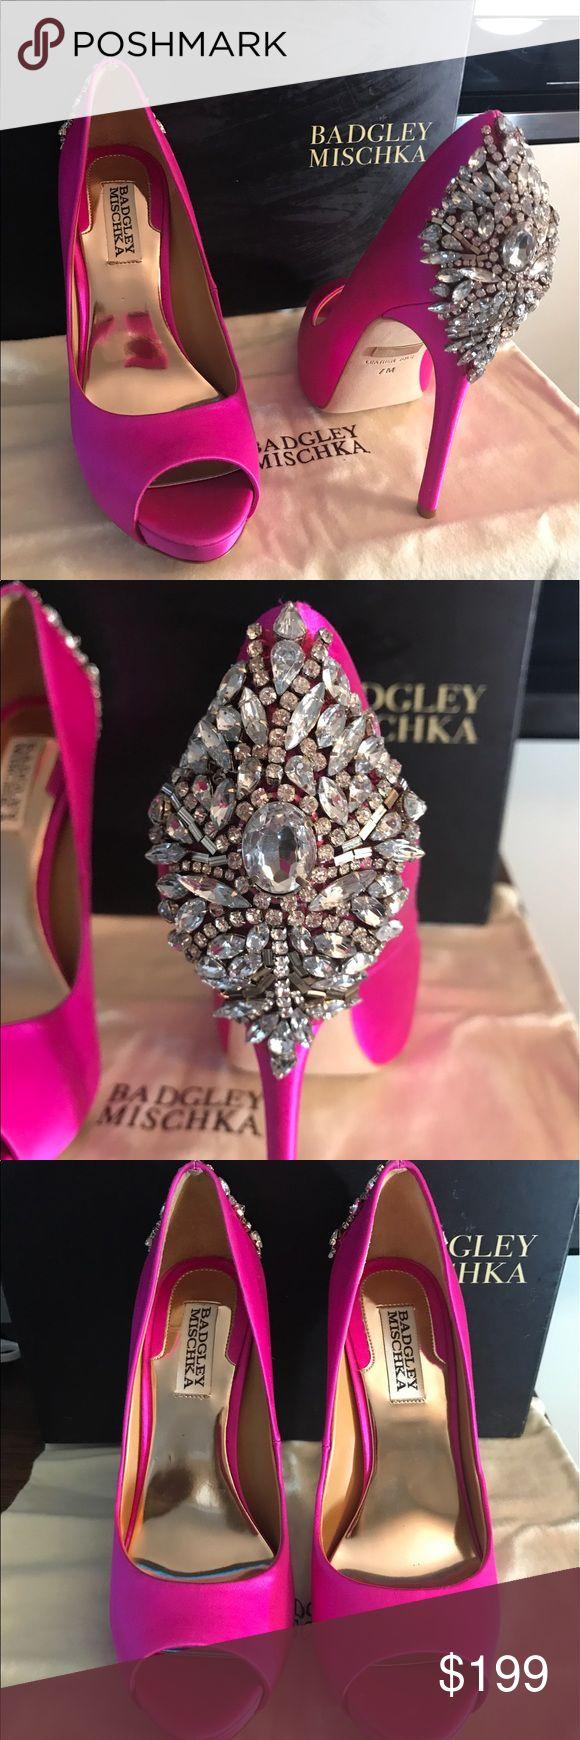 Badgley Mischka Kiara Crystal Embellished Carmine Pumps new with box Badgley Mischka Shoes Heels